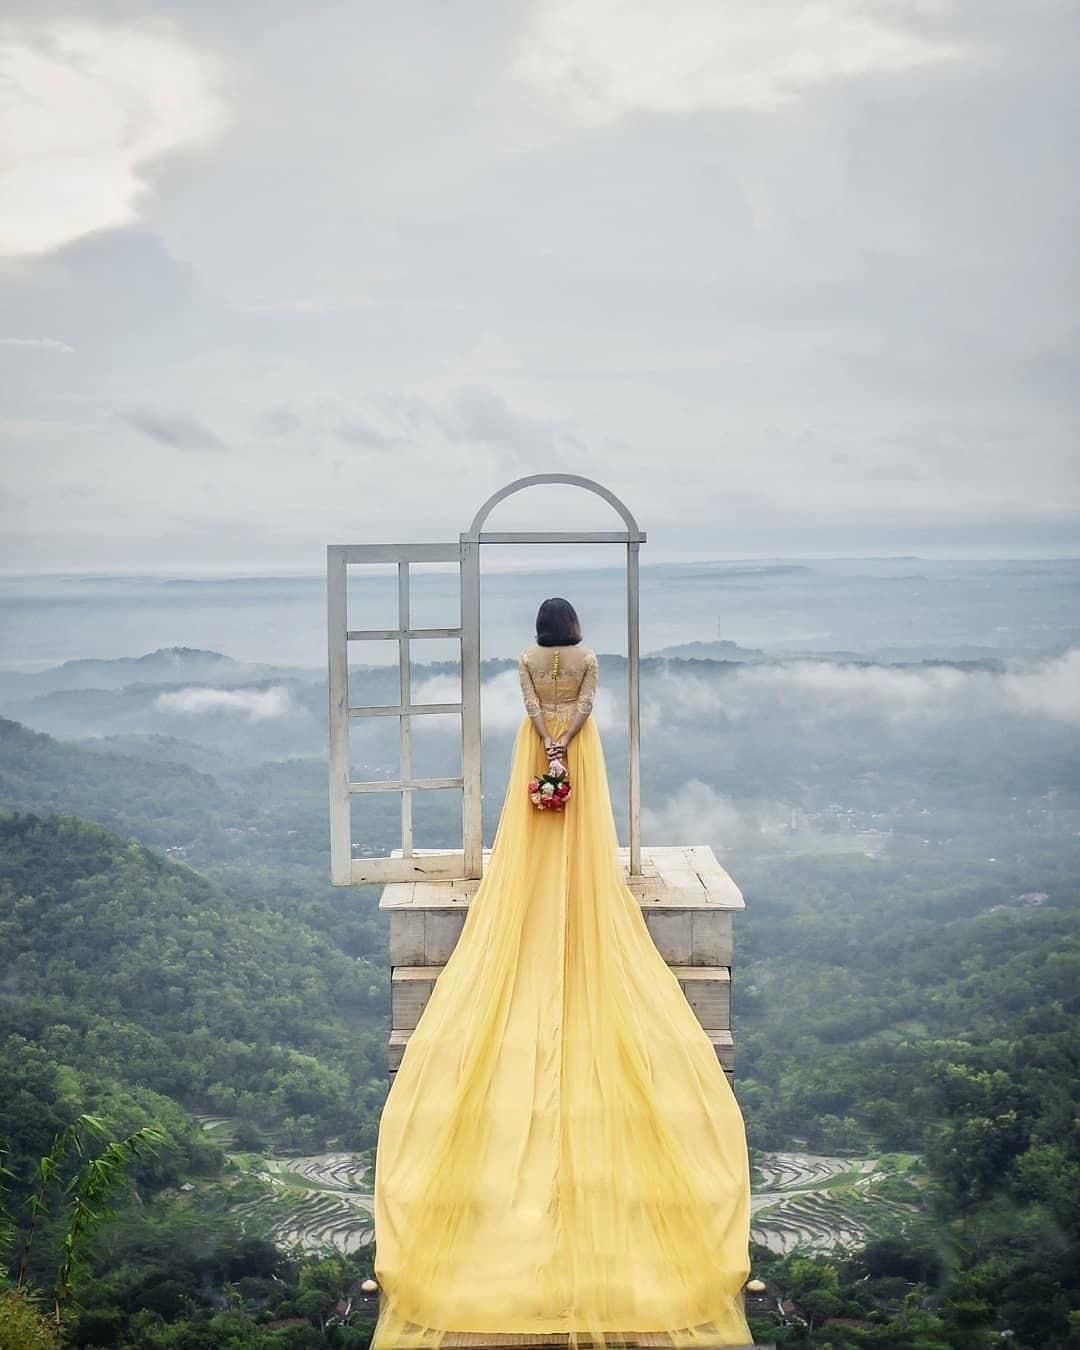 Harga Tiket Masuk Pintu Langit Dahromo Dlingo Bantul Yogyakarta Terbaru Wisata Oke